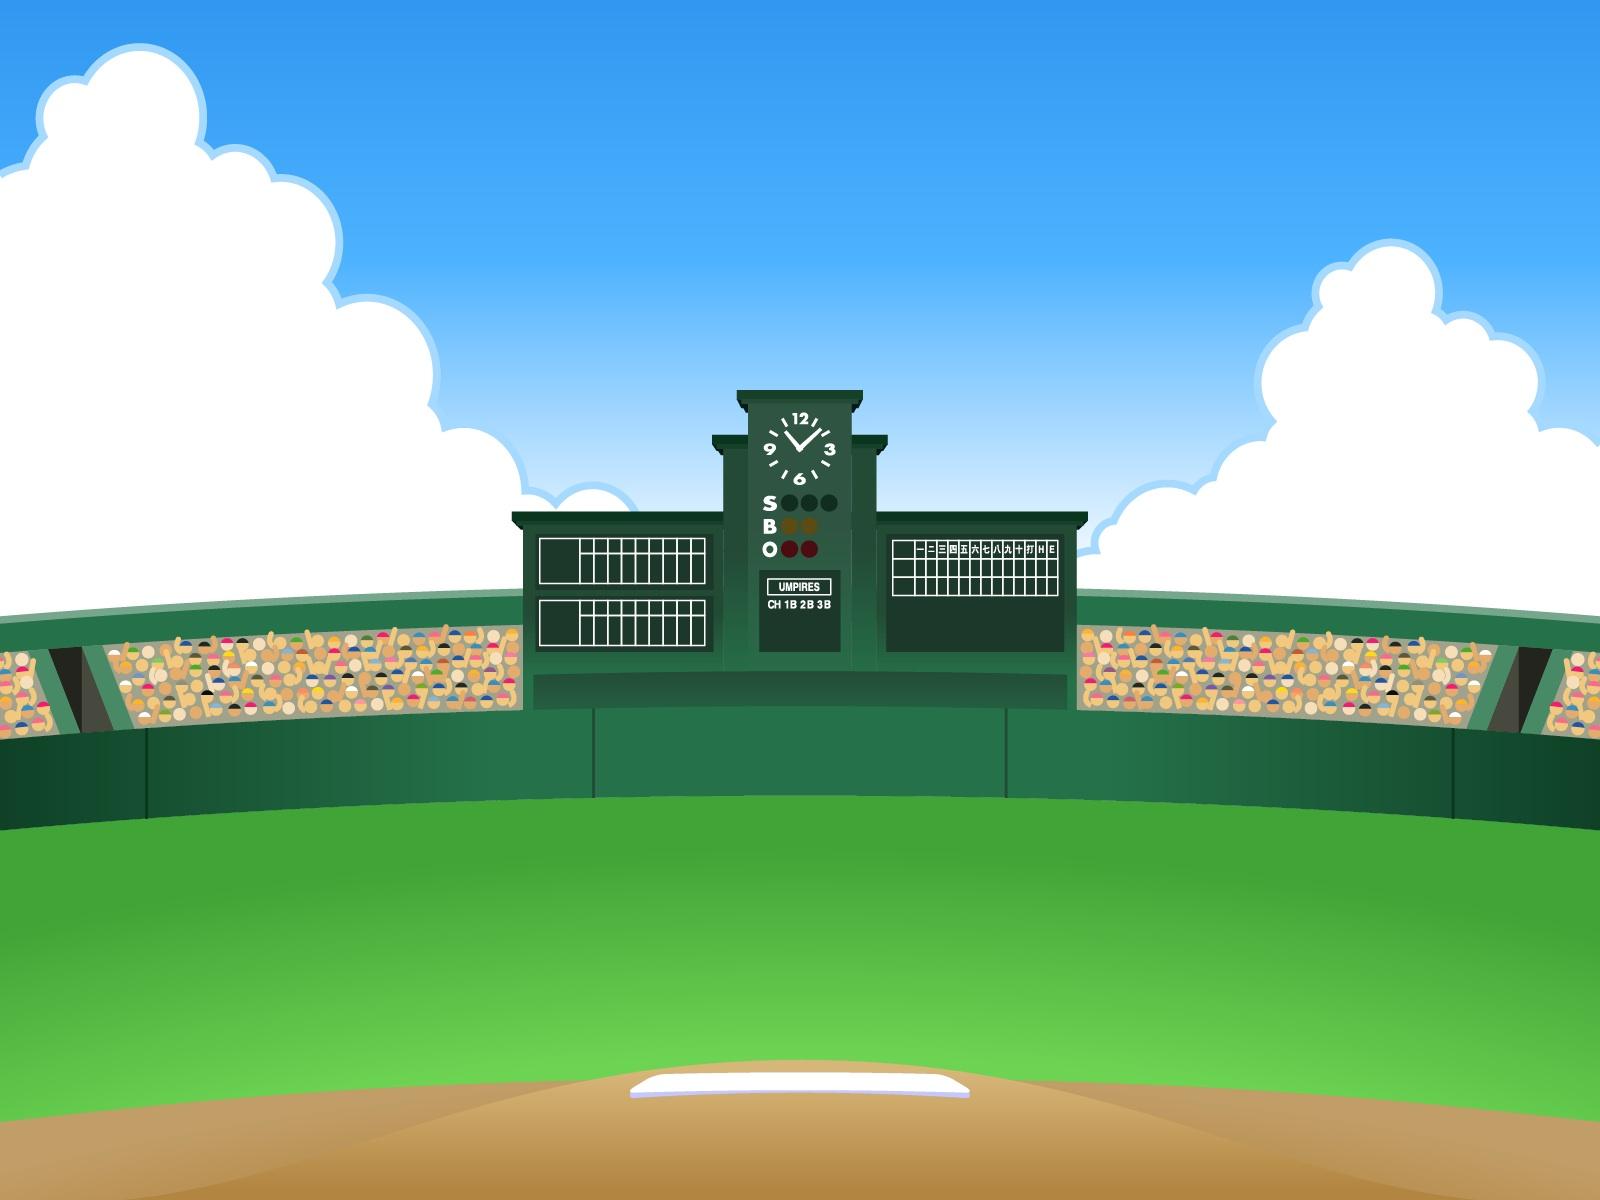 高校野球記念日